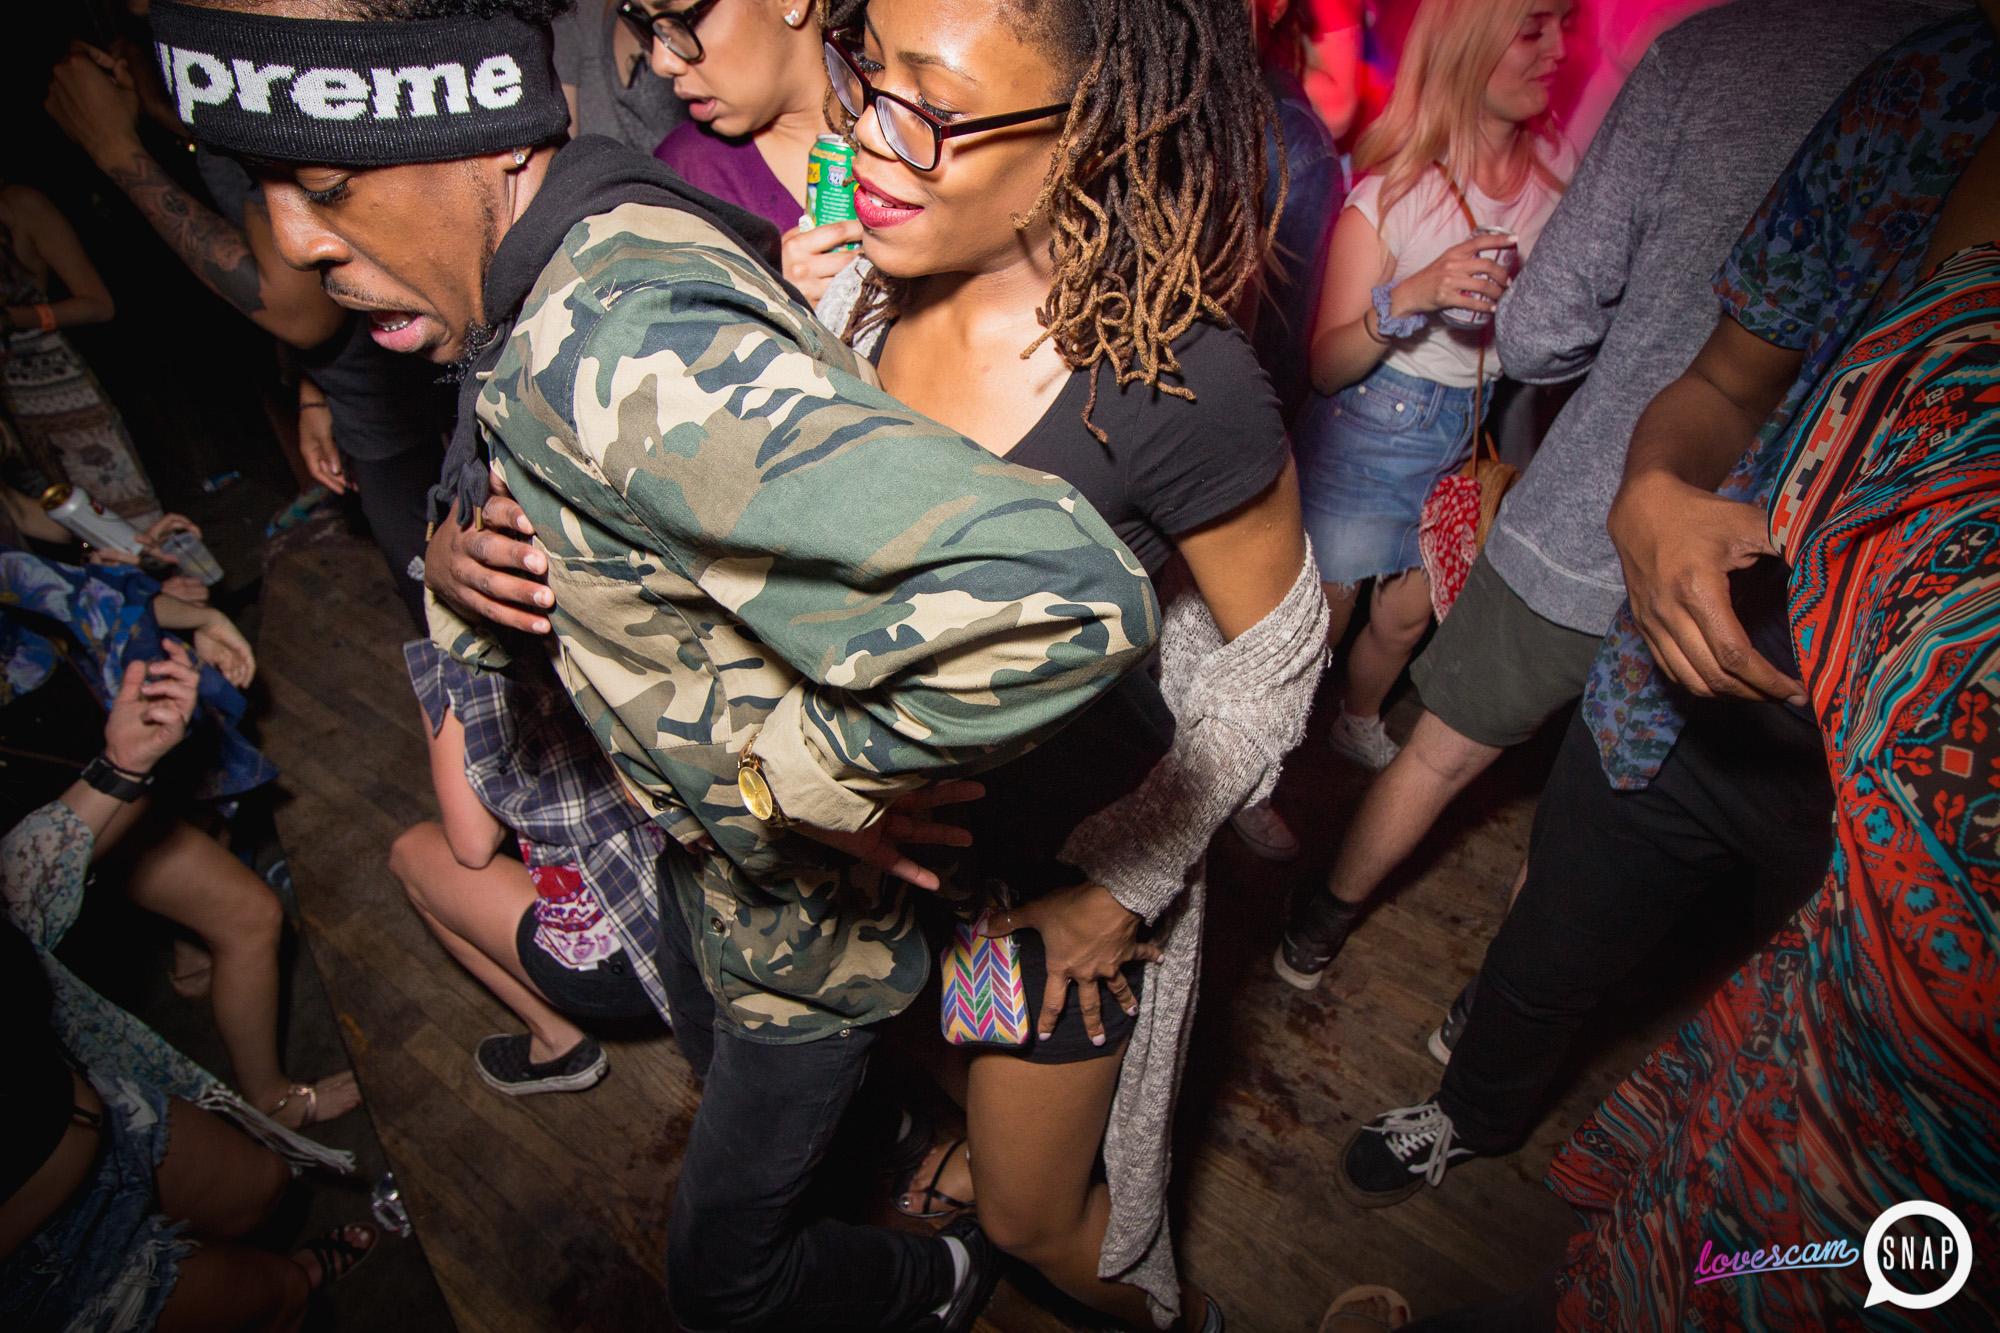 LoveScam Oh Snap Kid Grace Kelly Atlanta MJQ Nightlife logo-111.JPG